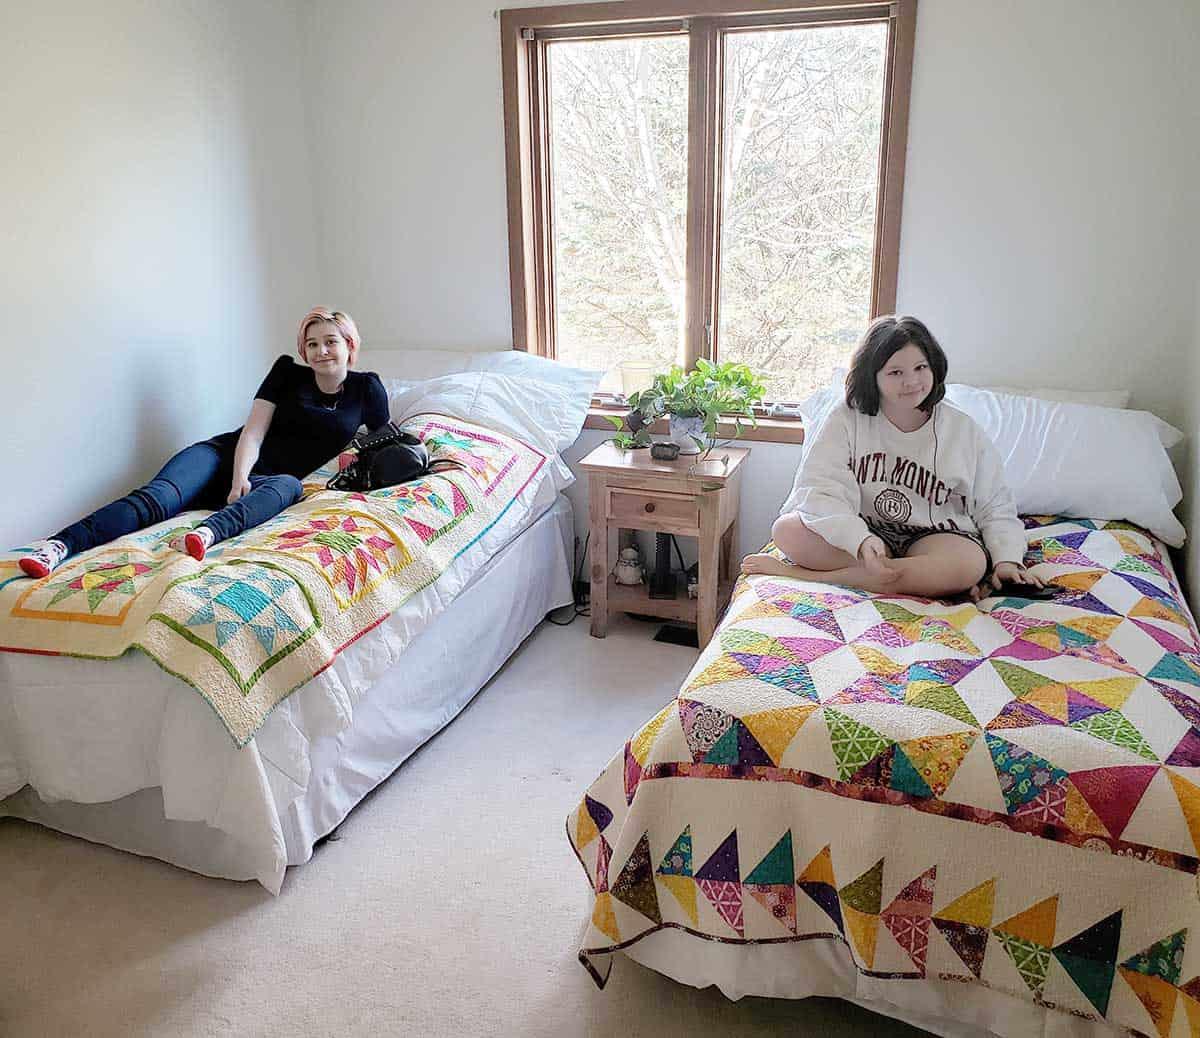 Granddaughters in their bedroom